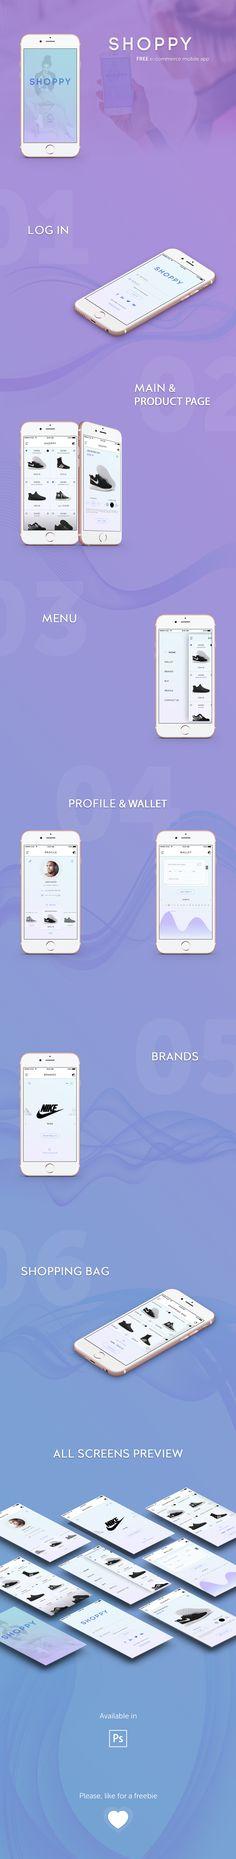 다음 @Behance 프로젝트 확인: \u201cFREE PSD E-commerce mobile app UI/UX\u201d https://www.behance.net/gallery/48778455/FREE-PSD-E-commerce-mobile-app-UIUX